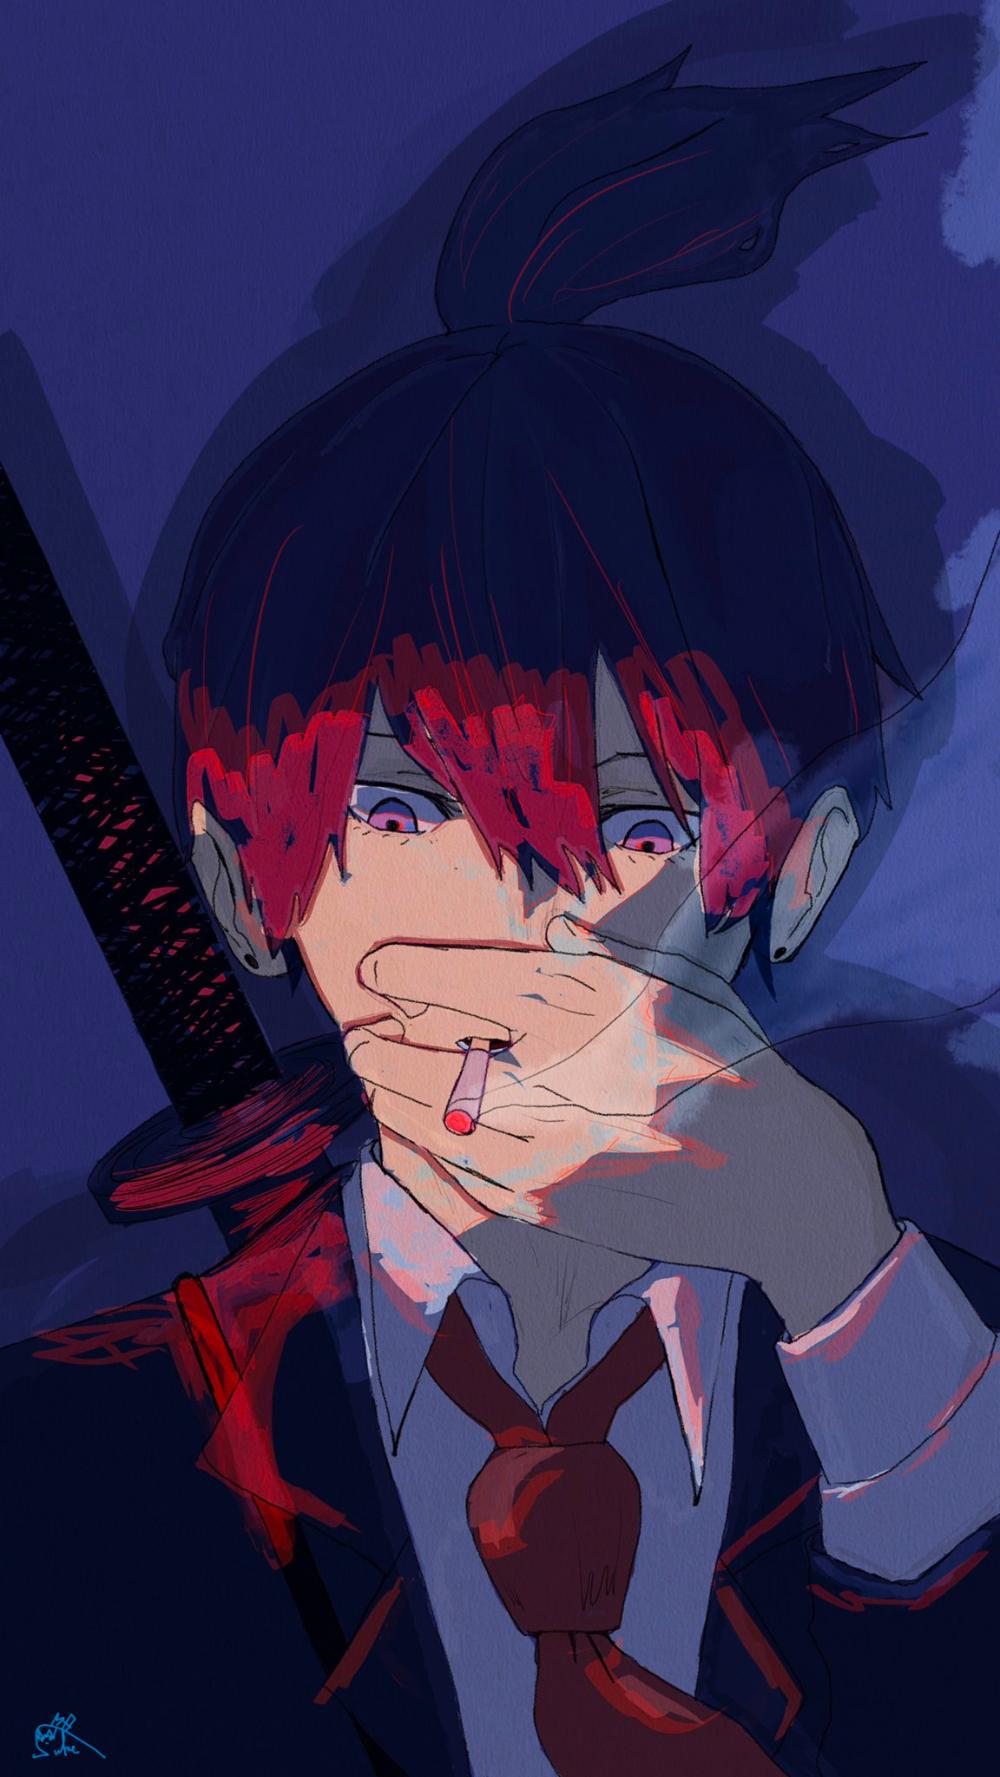 すけ on Twitter in 2020 Dark anime, Chainsaw, Cute anime pics